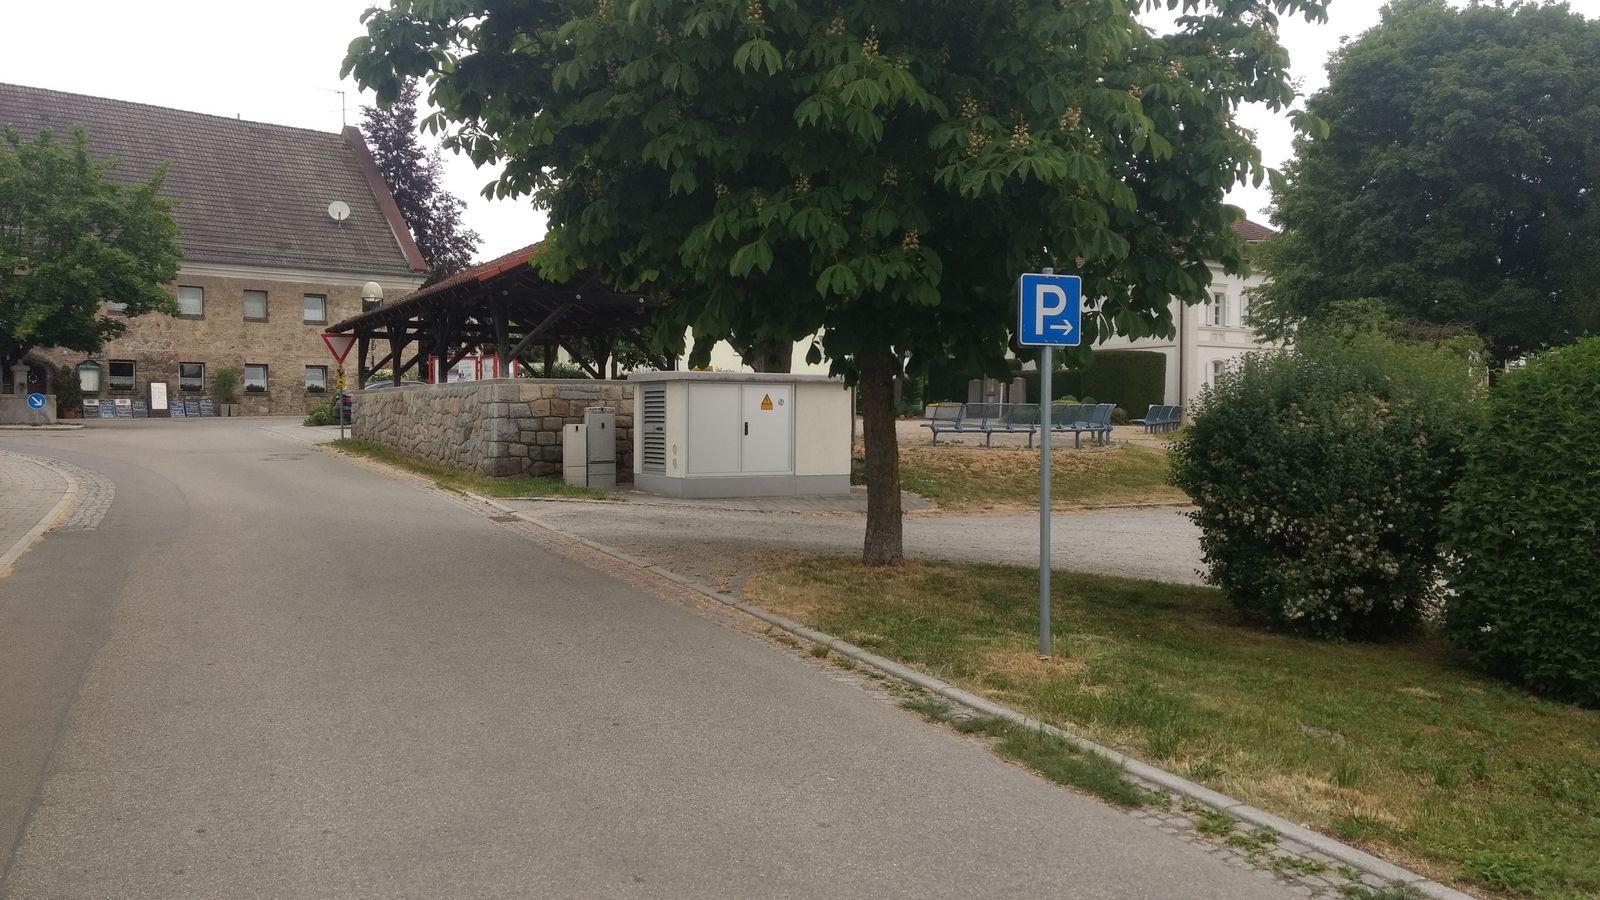 Würding: Parkplatz Magazinstraße (hinten: Alte Taverne)